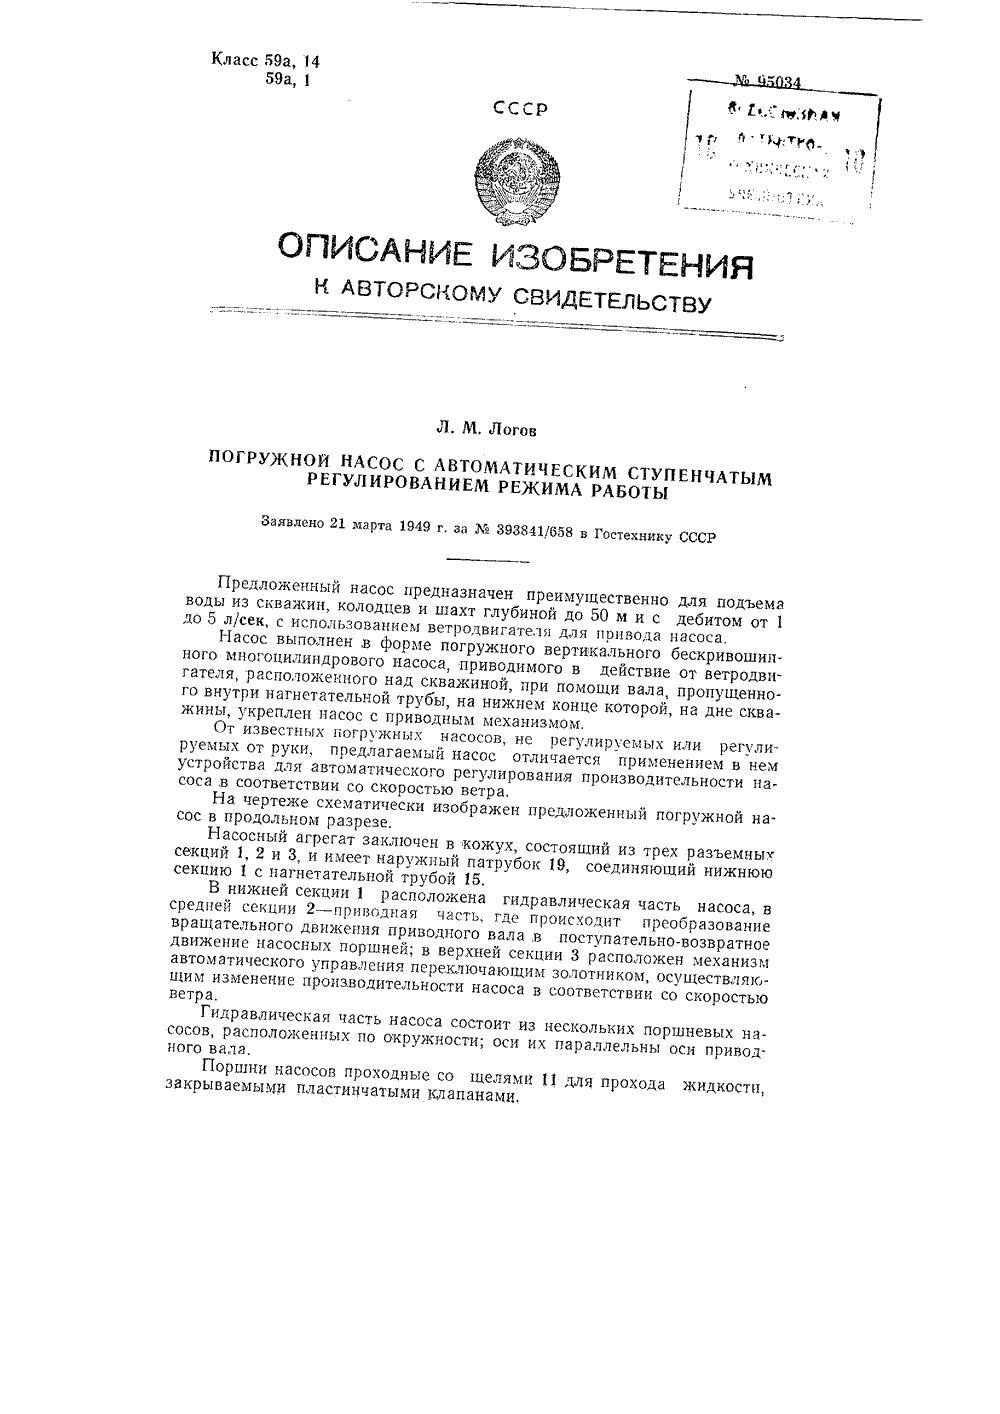 гидропоршневой насос схема